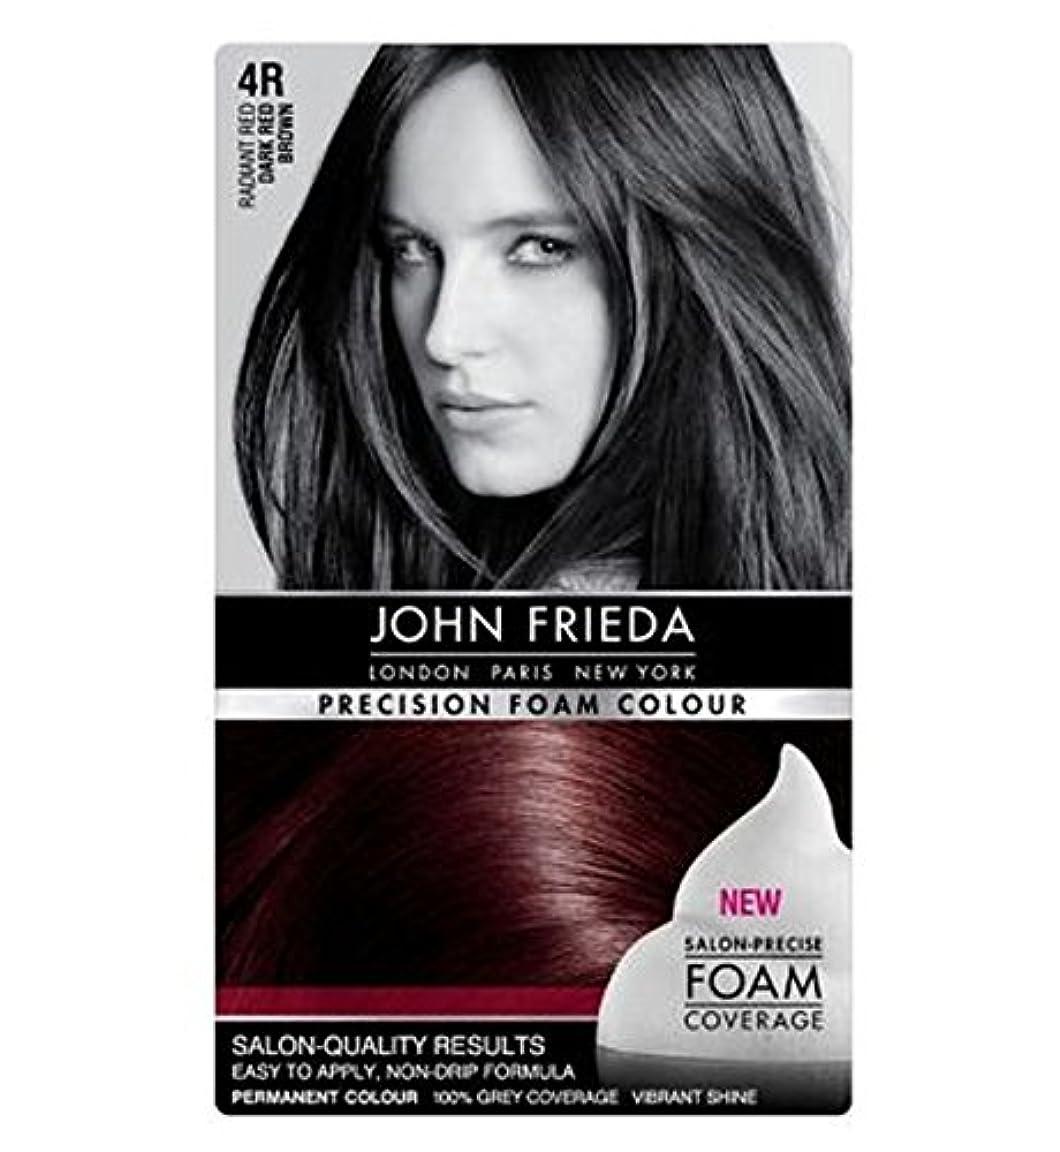 砂利証明する破裂ジョン?フリーダ精密泡カラー4R濃い赤茶色 (John Frieda) (x2) - John Frieda Precision Foam Colour 4R Dark Red Brown (Pack of 2) [並行輸入品]